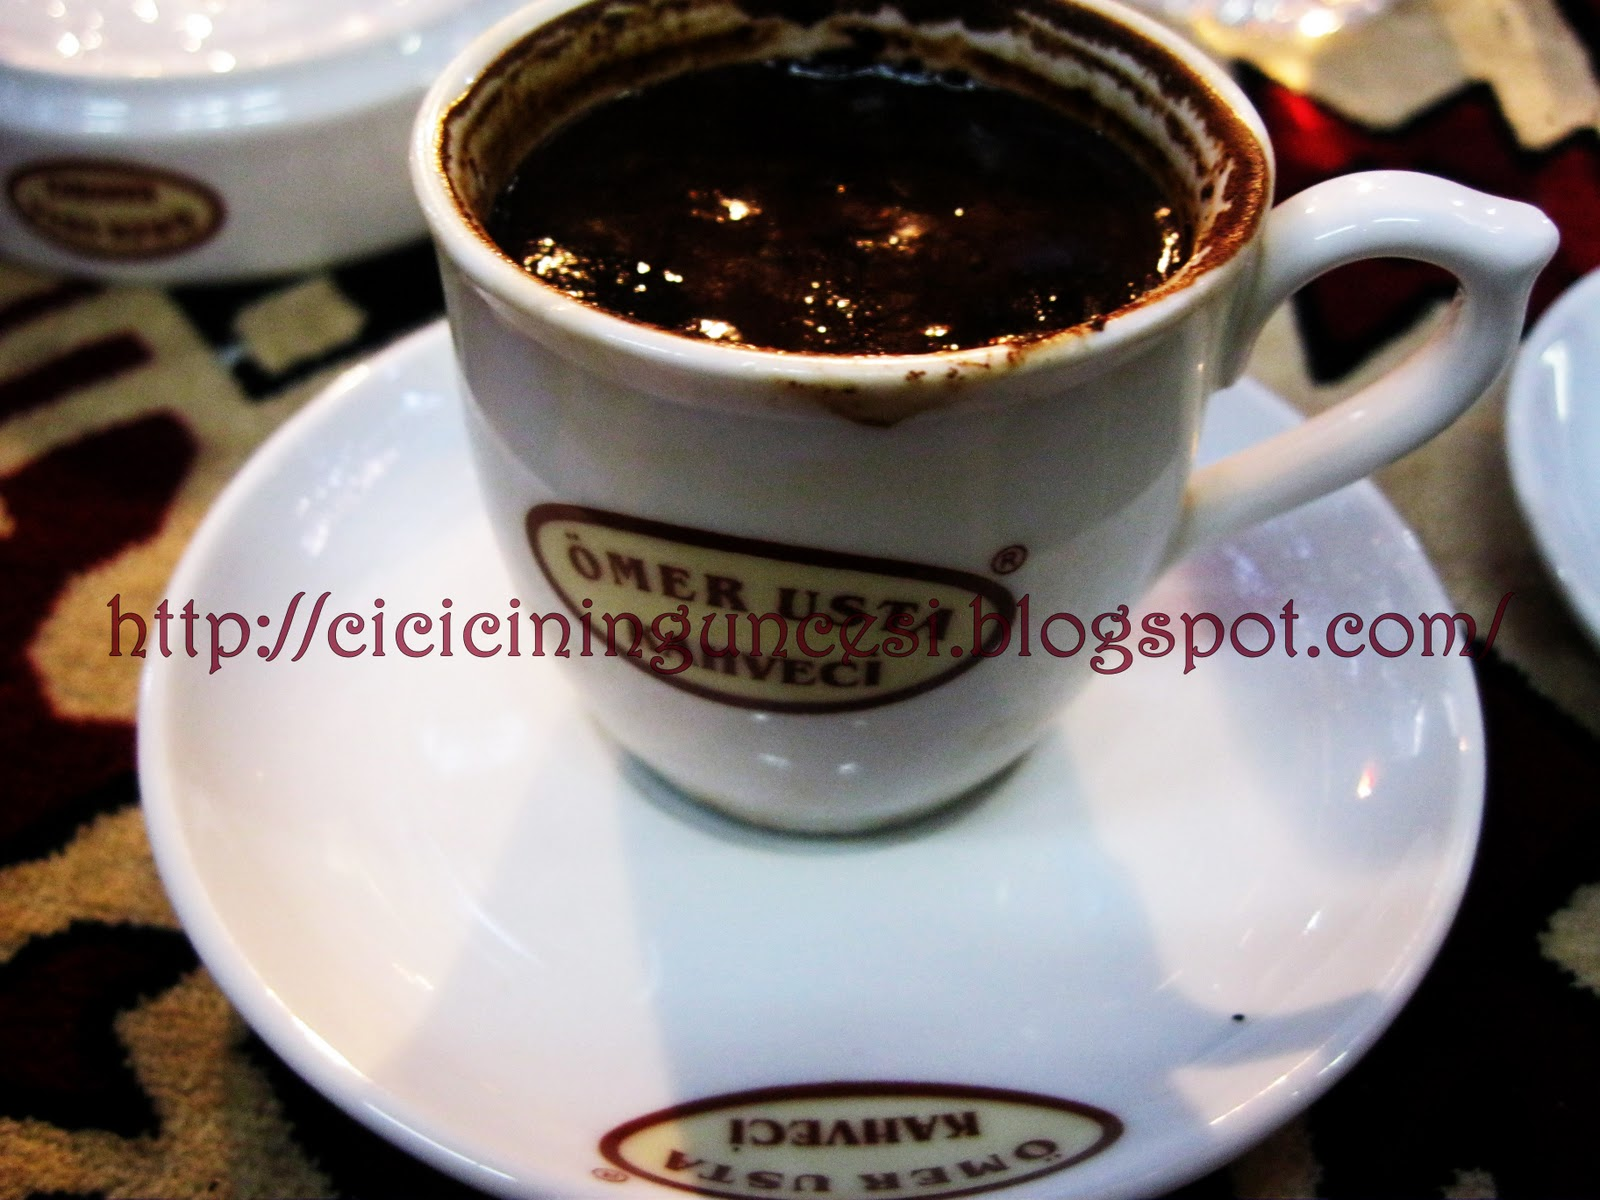 http://2.bp.blogspot.com/_lHNxkf5_GiU/TNS1TBZyGdI/AAAAAAAAB5I/susQHvfY-t0/s1600/IMG_0732.JPG